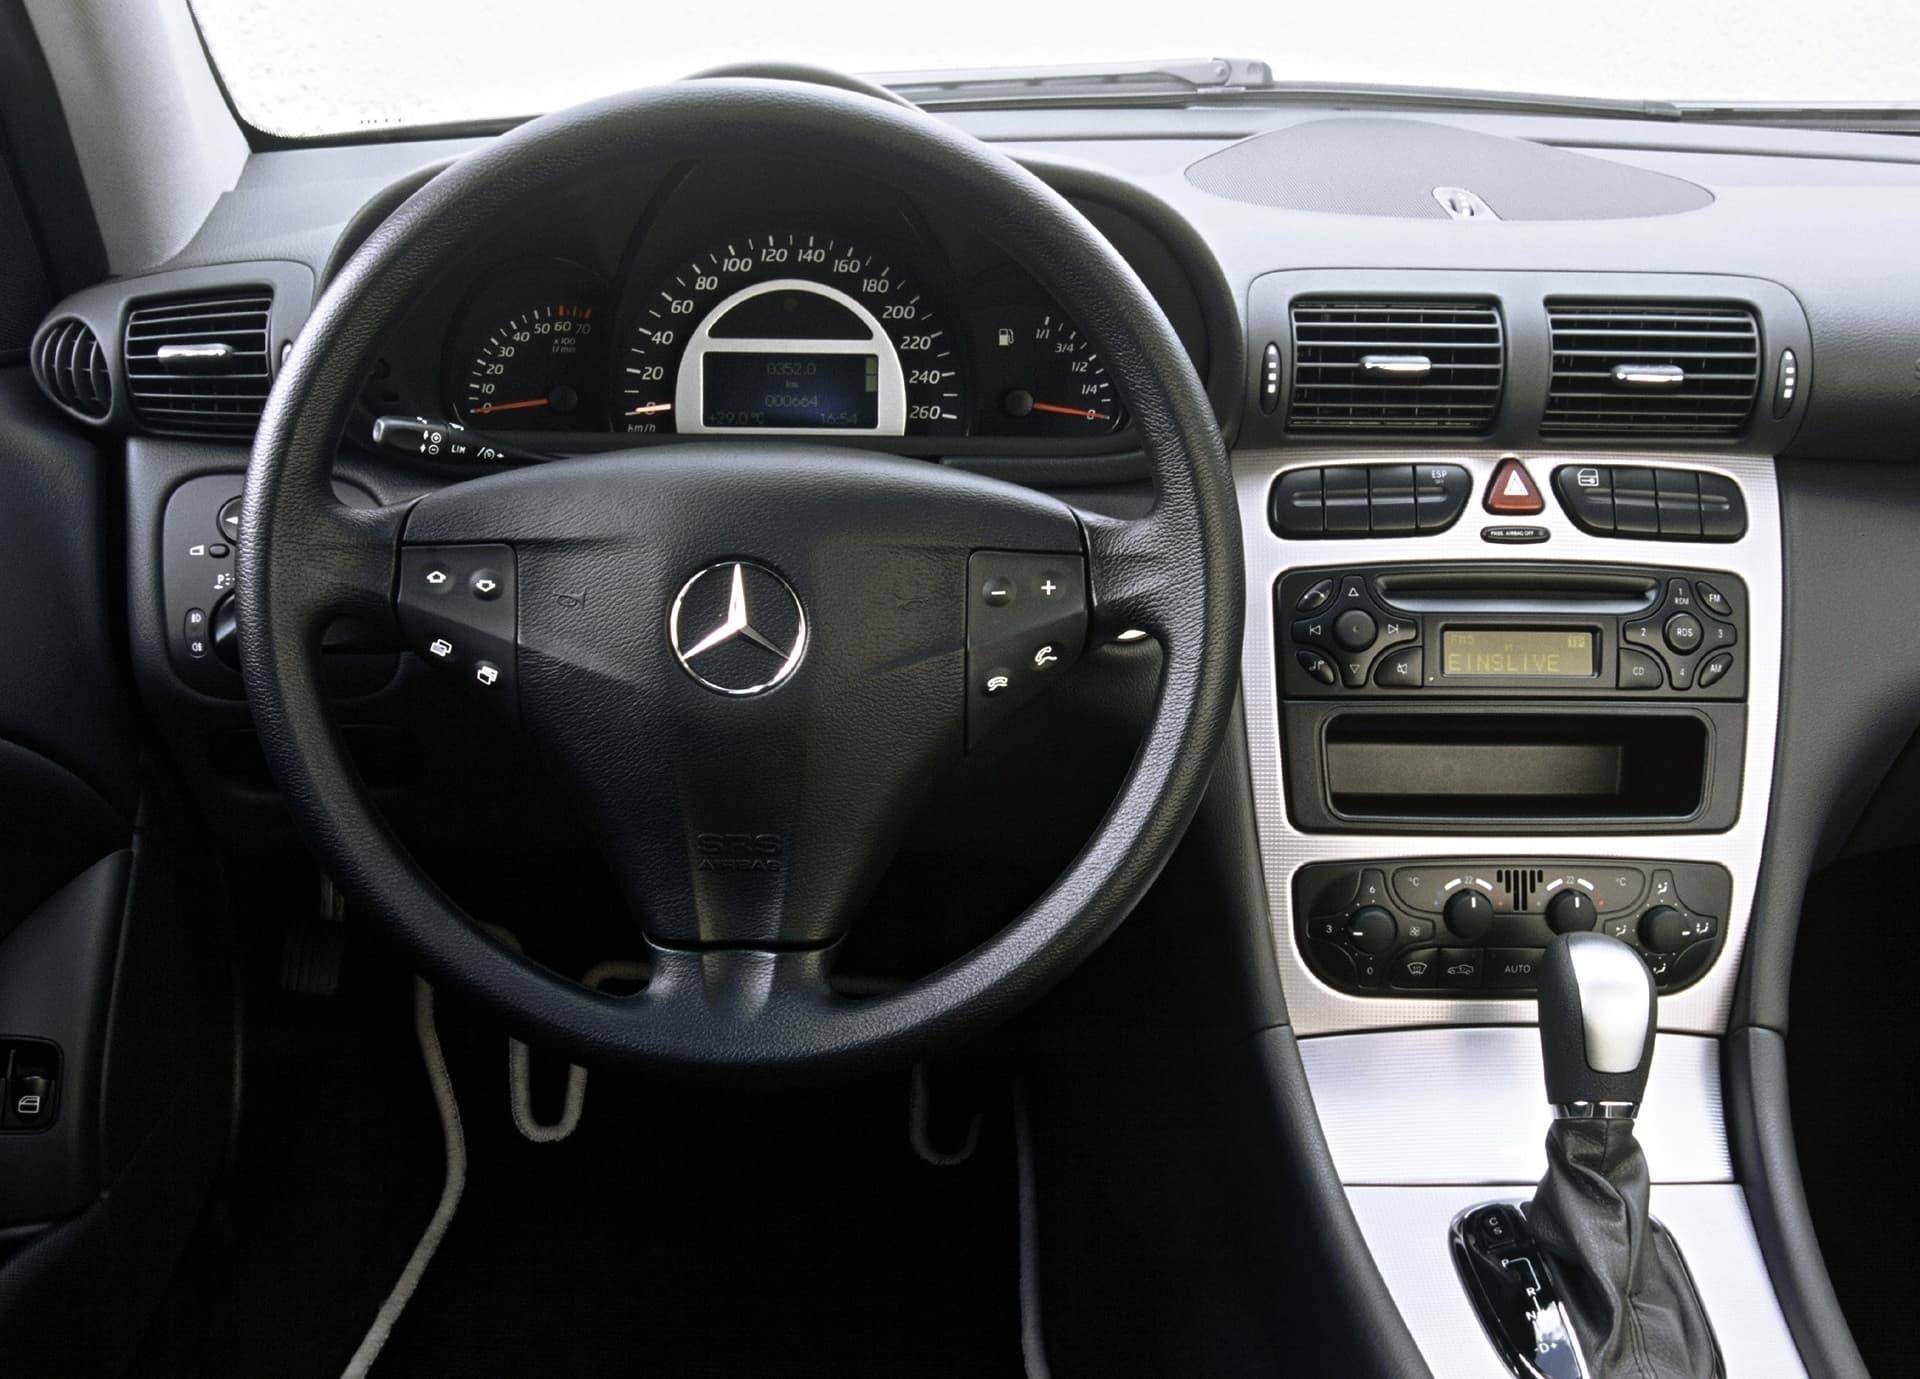 Mercedes C 30 Cdi Amg 2003 0521 003